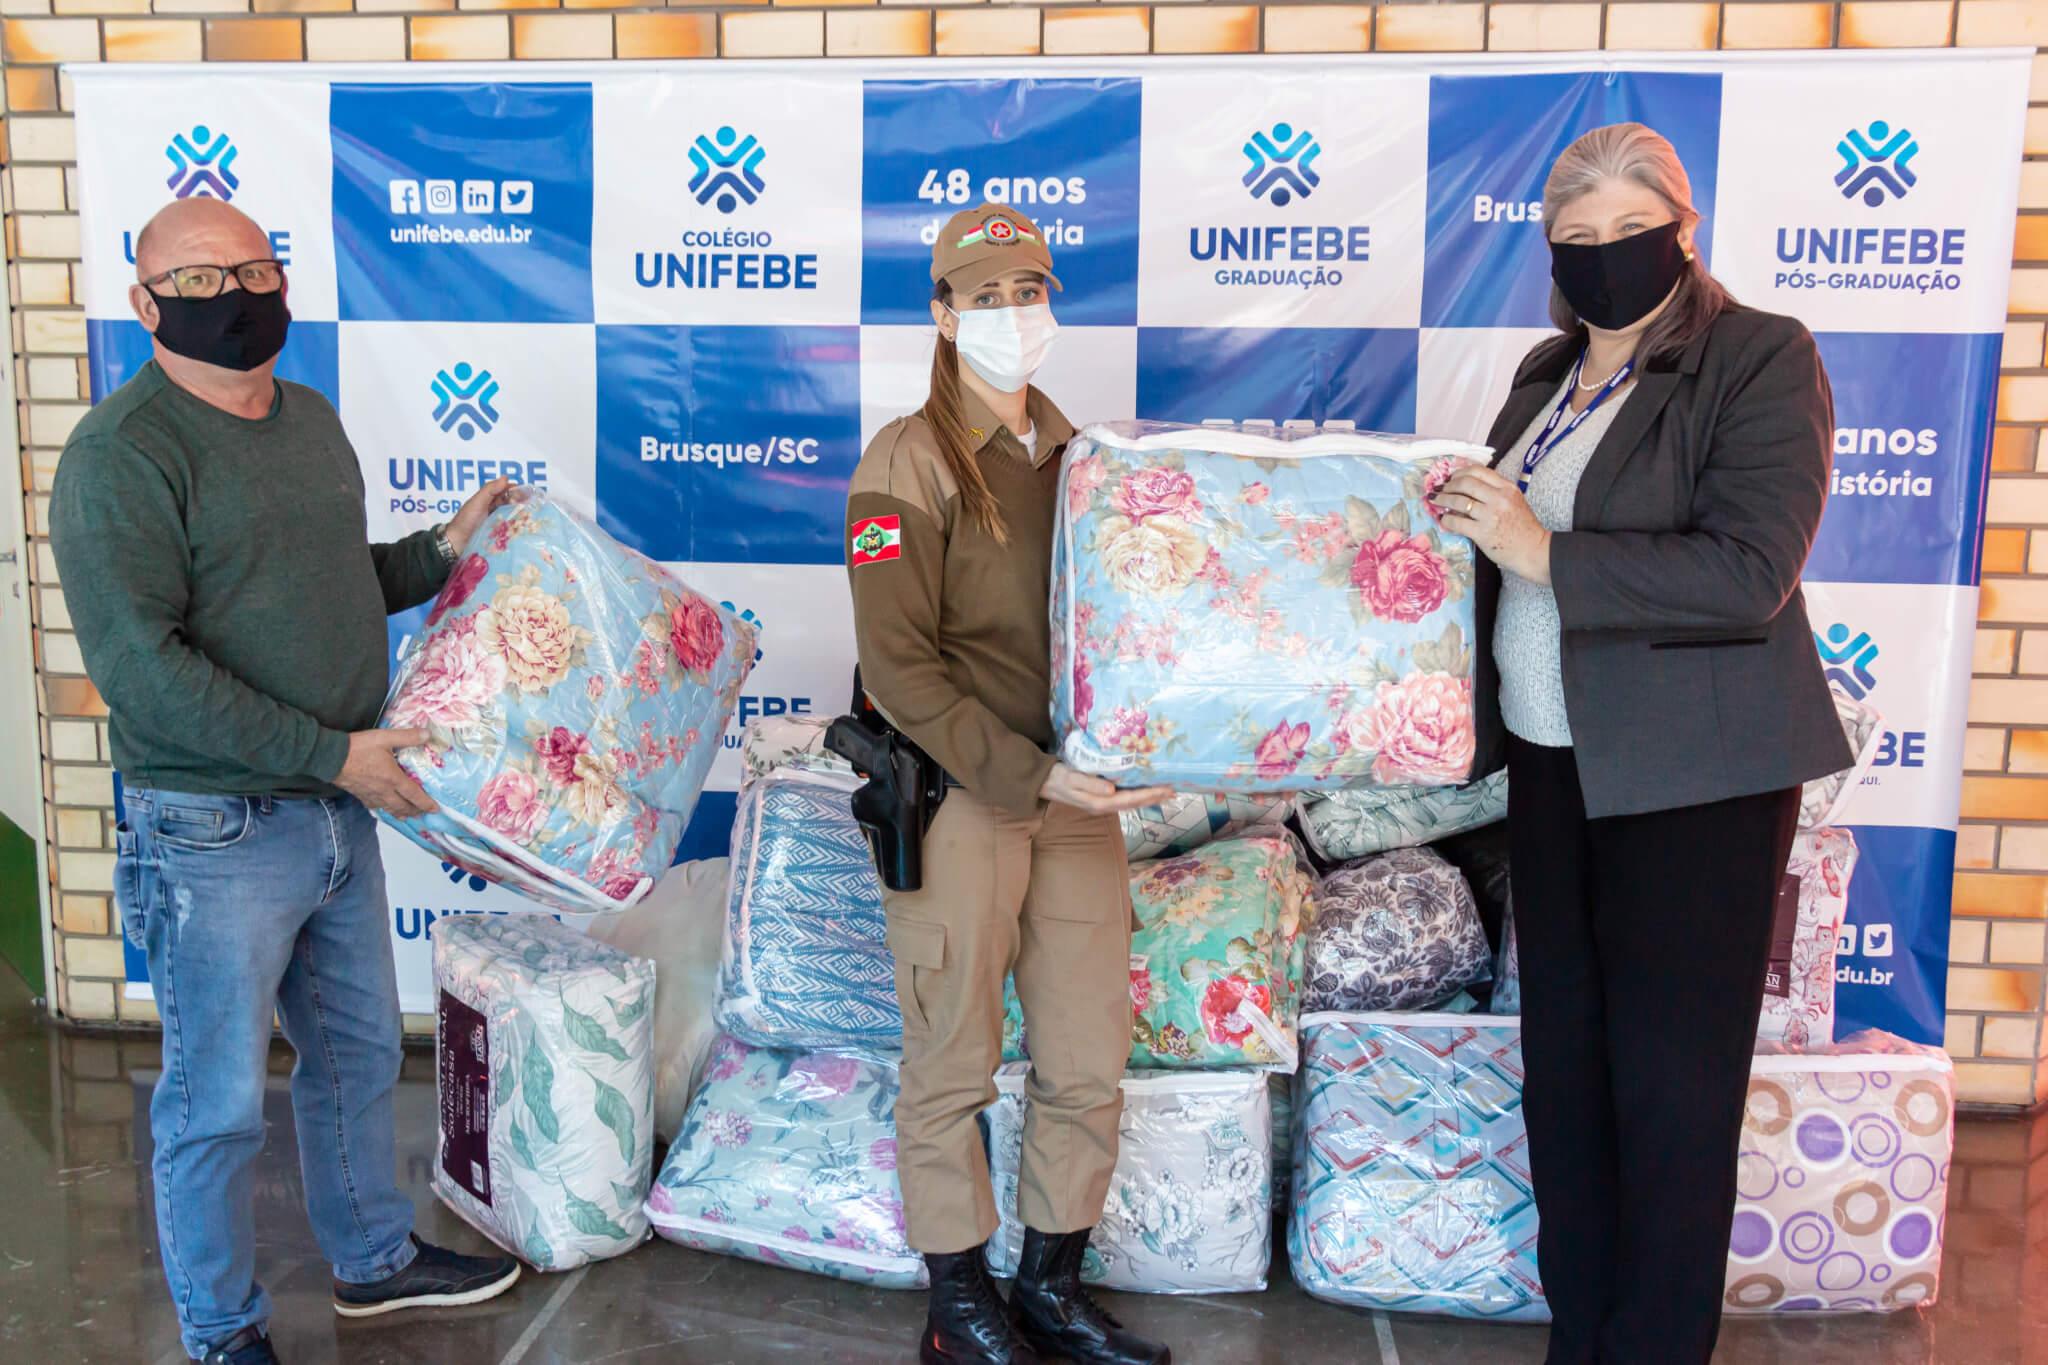 Mais de 40 cobertores são doados pela UNIFEBE para a Rede Laço de Voluntariado de Santa Catarina